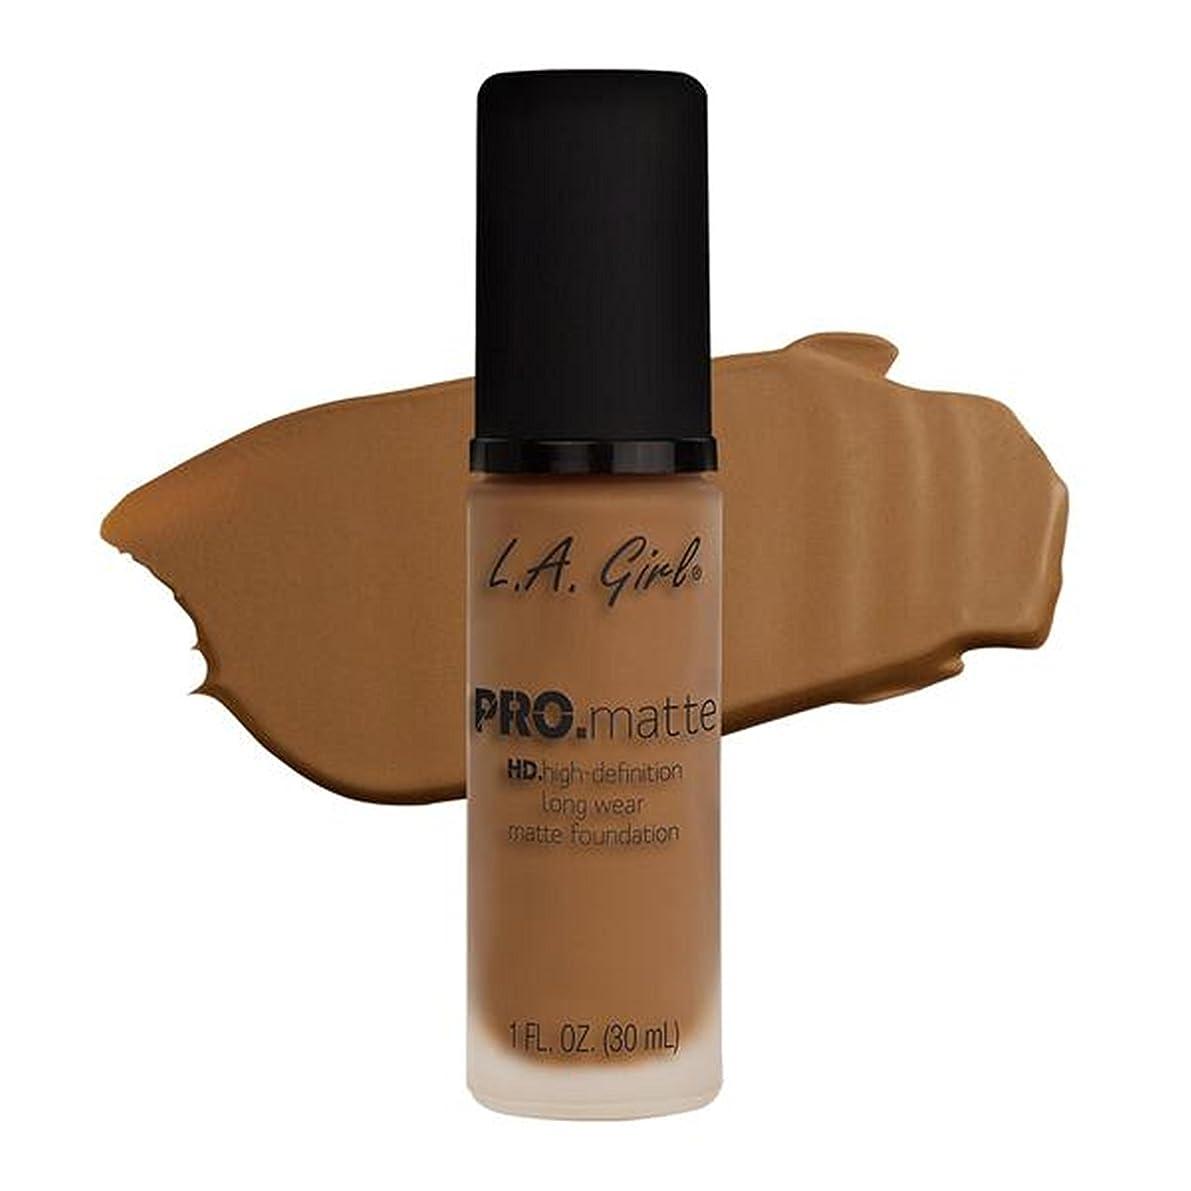 低いエジプトどうやってLA Girl PRO.mattte HD.high-definition long wear matte foundation (GLM682 Cafe)